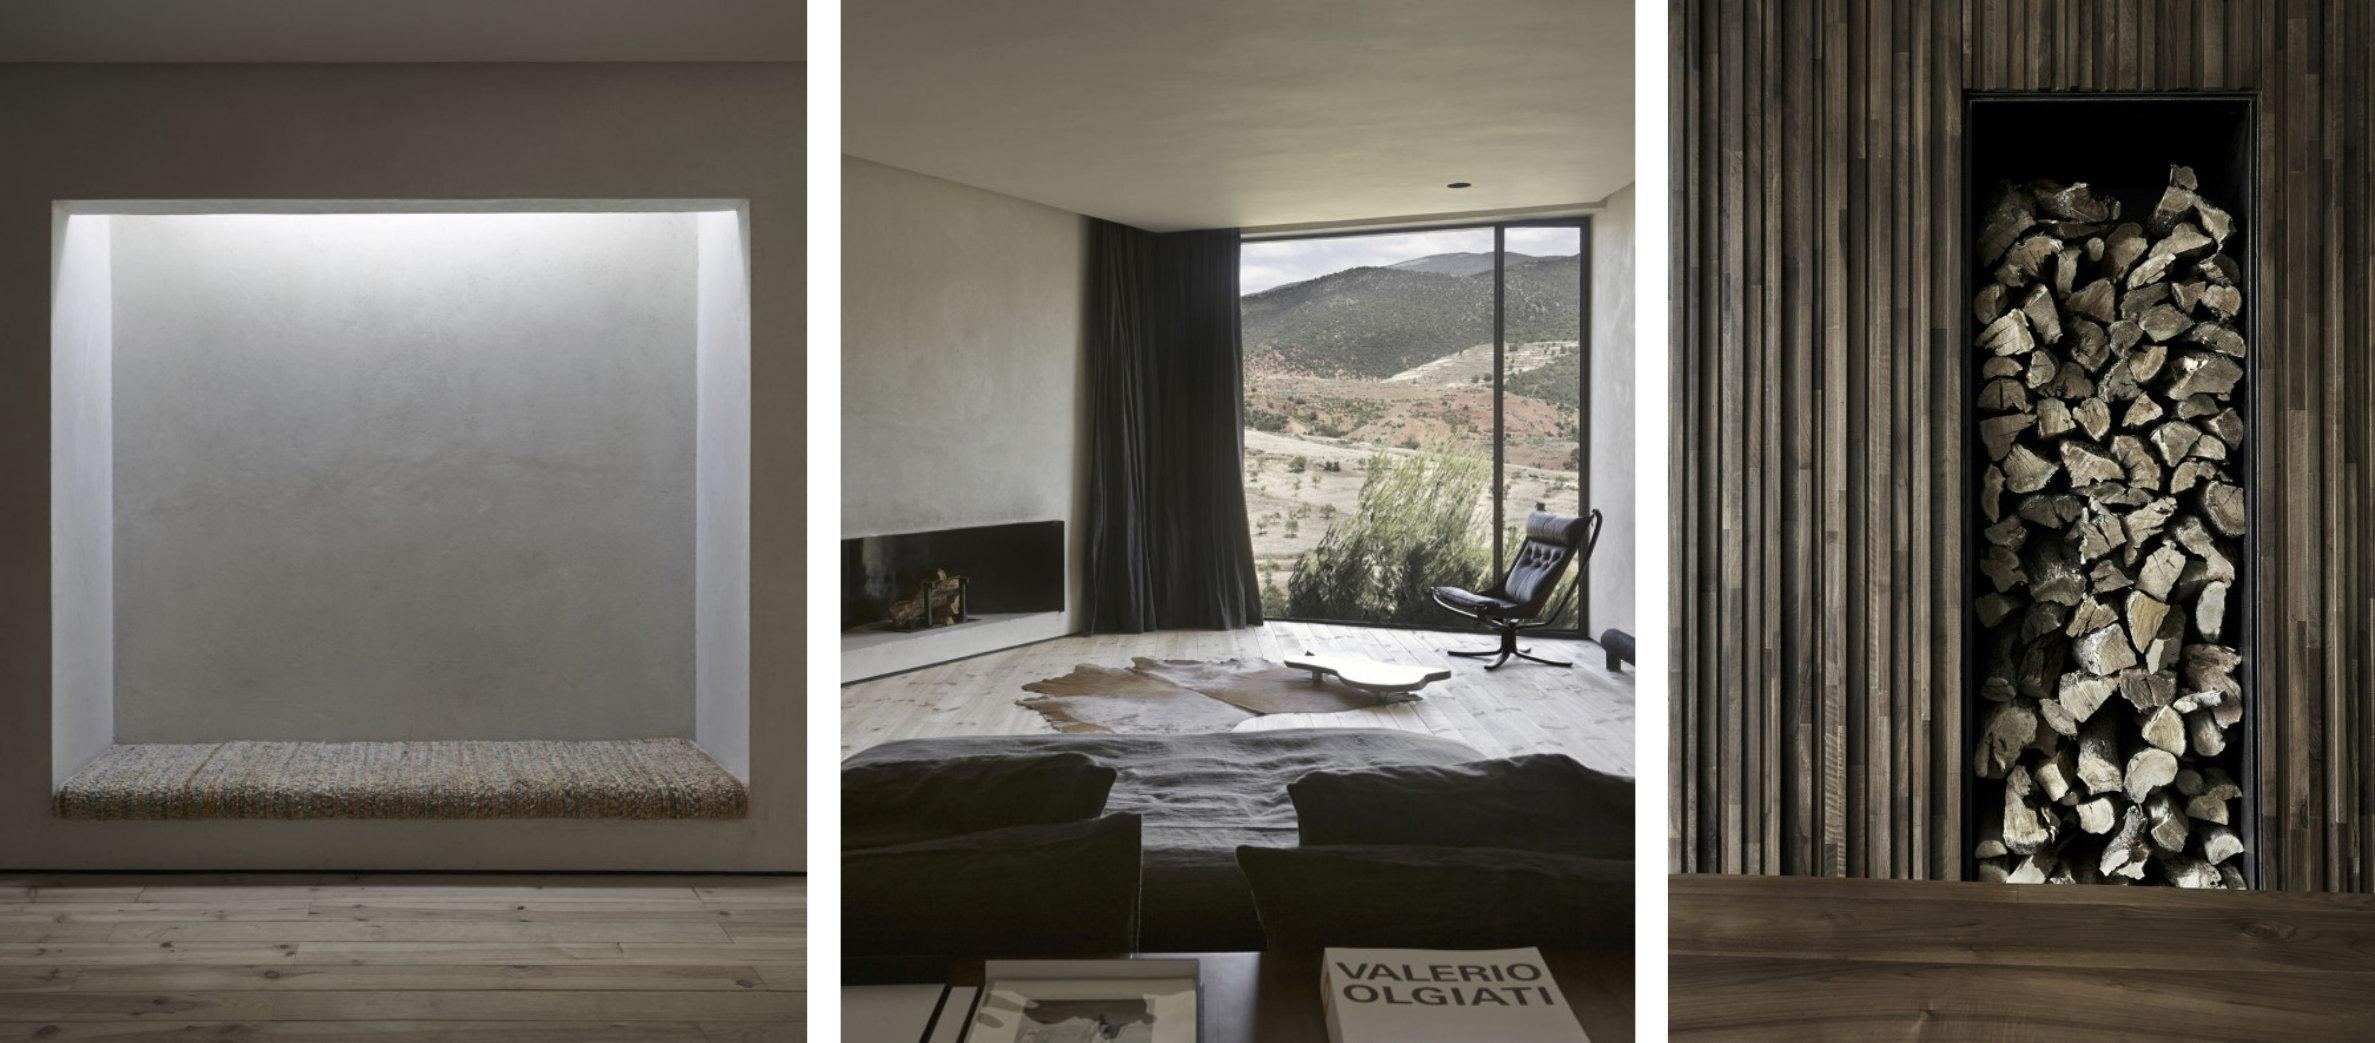 interiorlines_studio_ko_villa_e_004.jpg